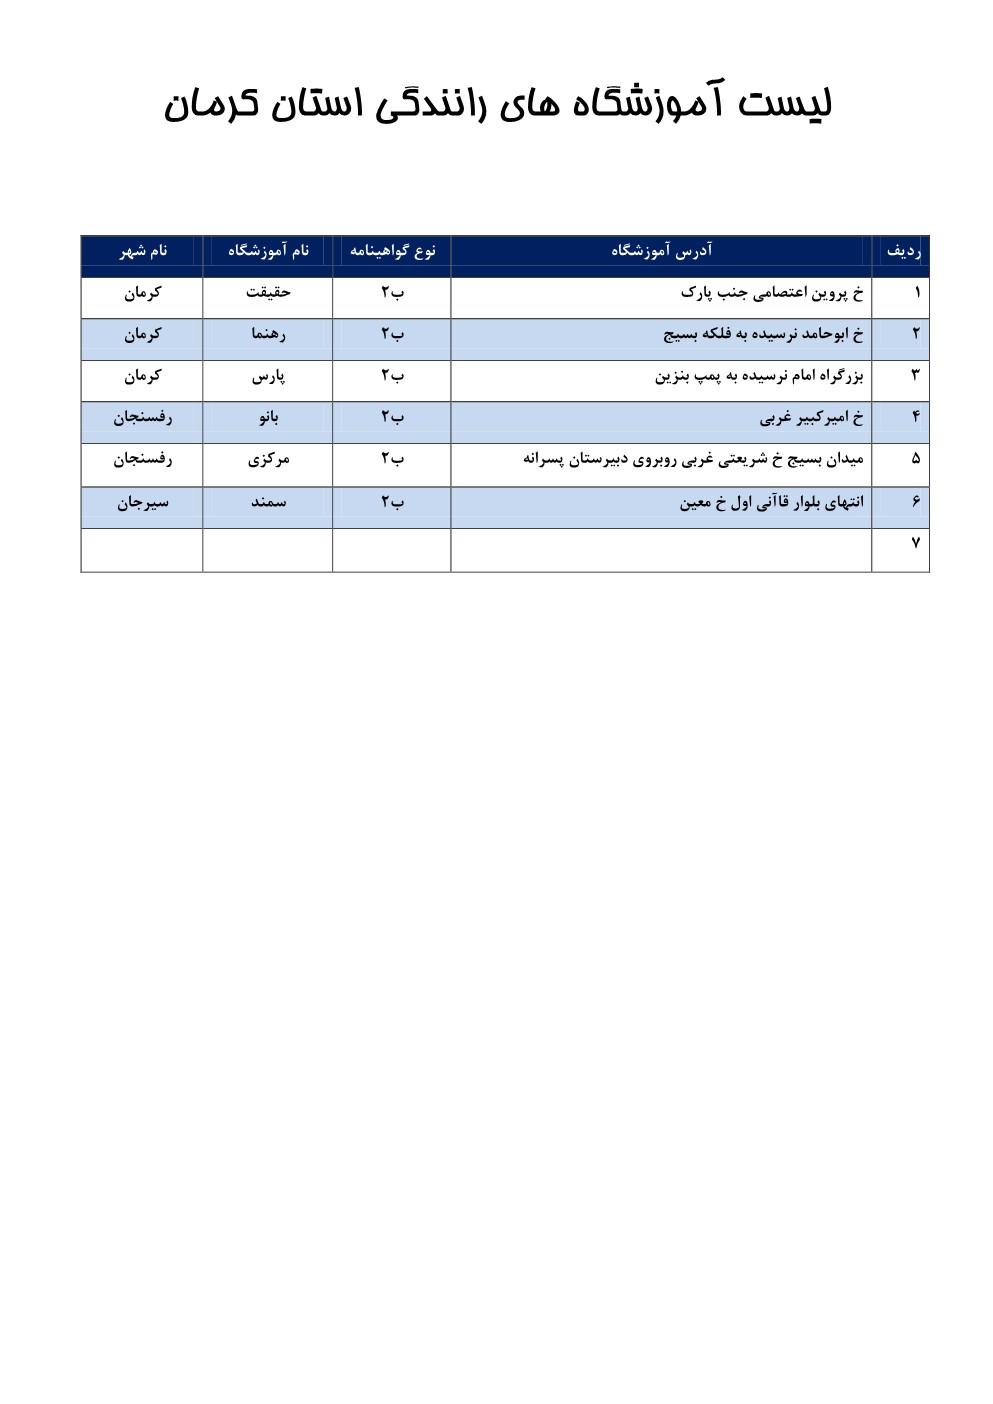 آموزشگاه های رانندگی کرمان